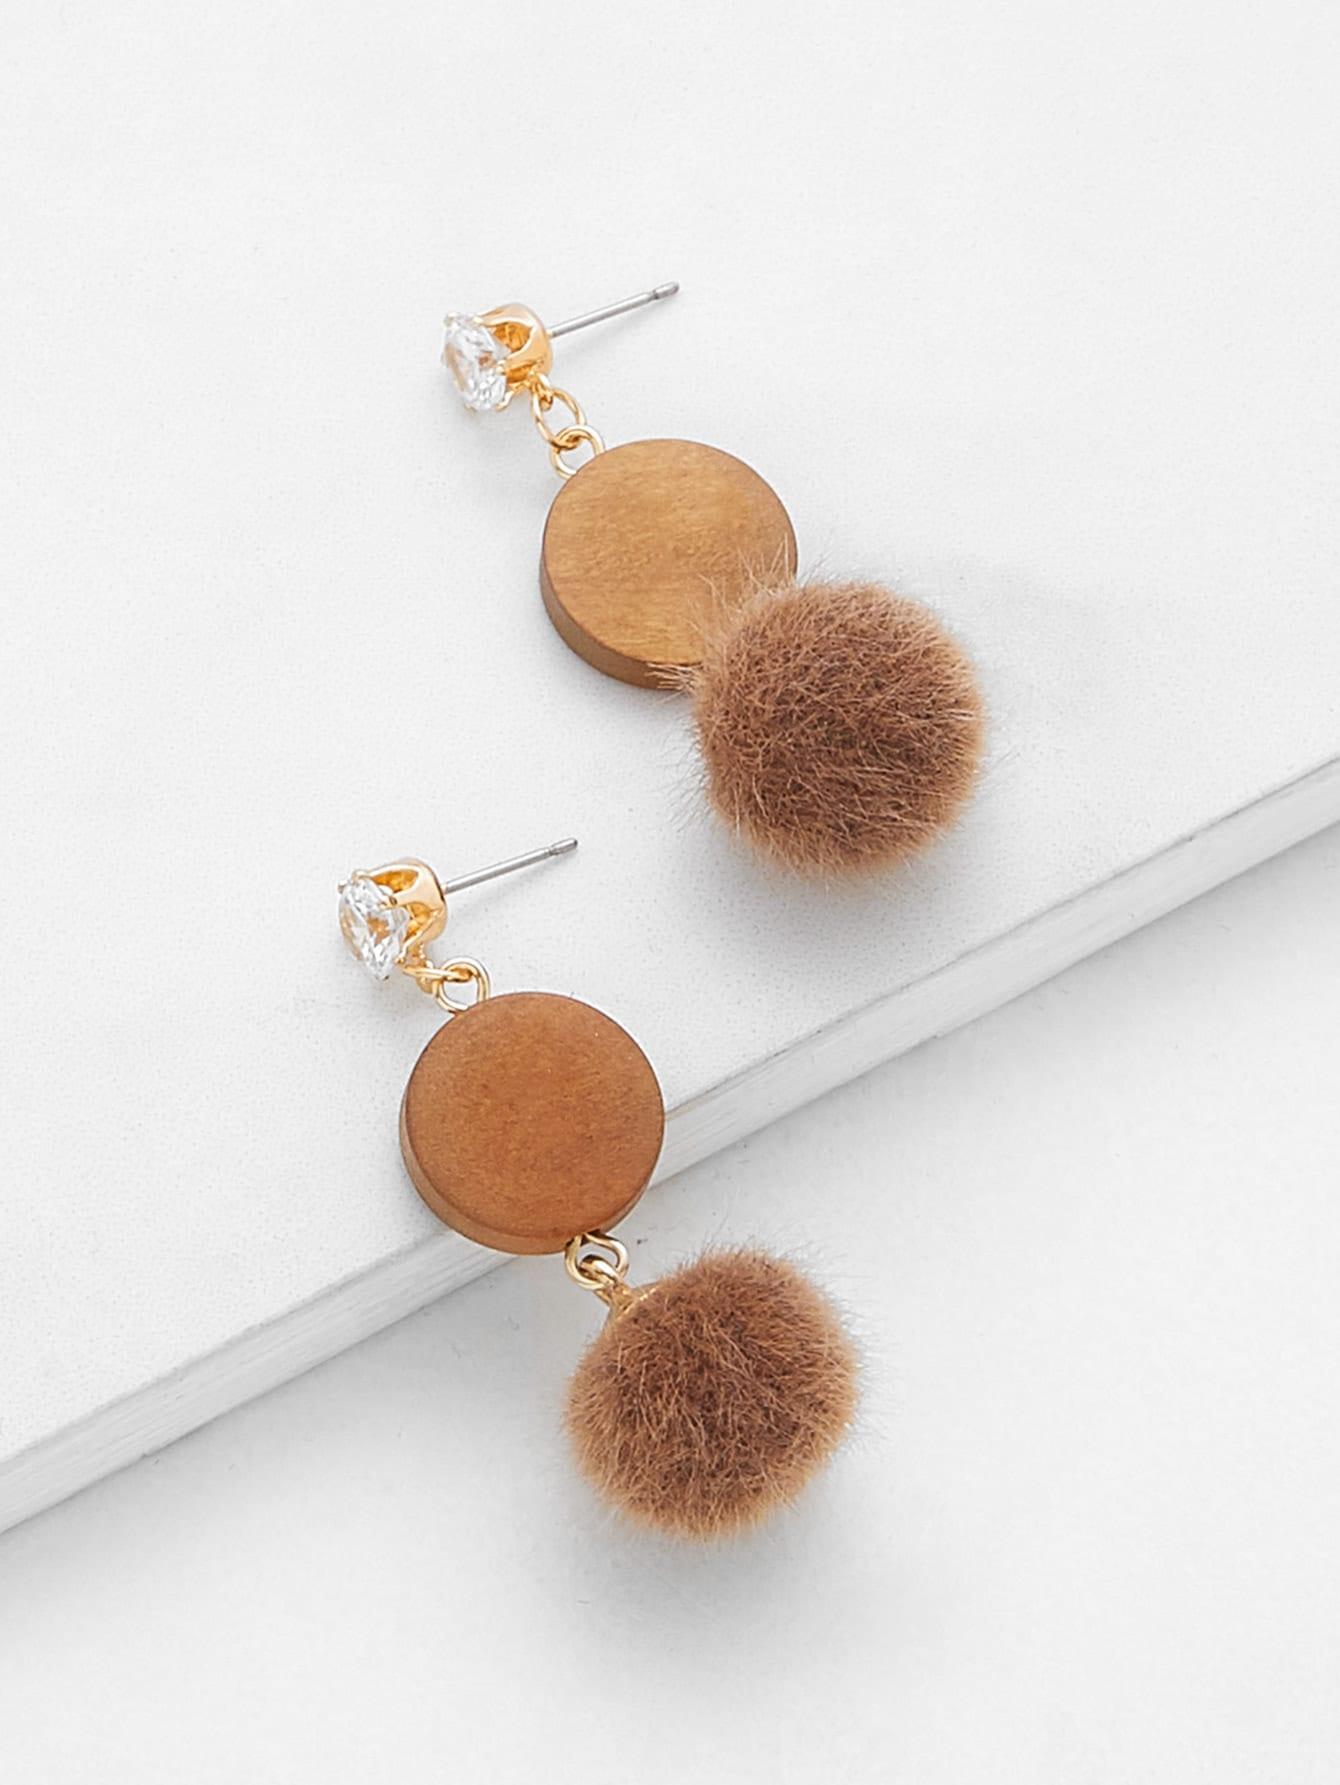 Rhinestone Top Pom Pom Decorated Drop Earrings pom pom drop earrings